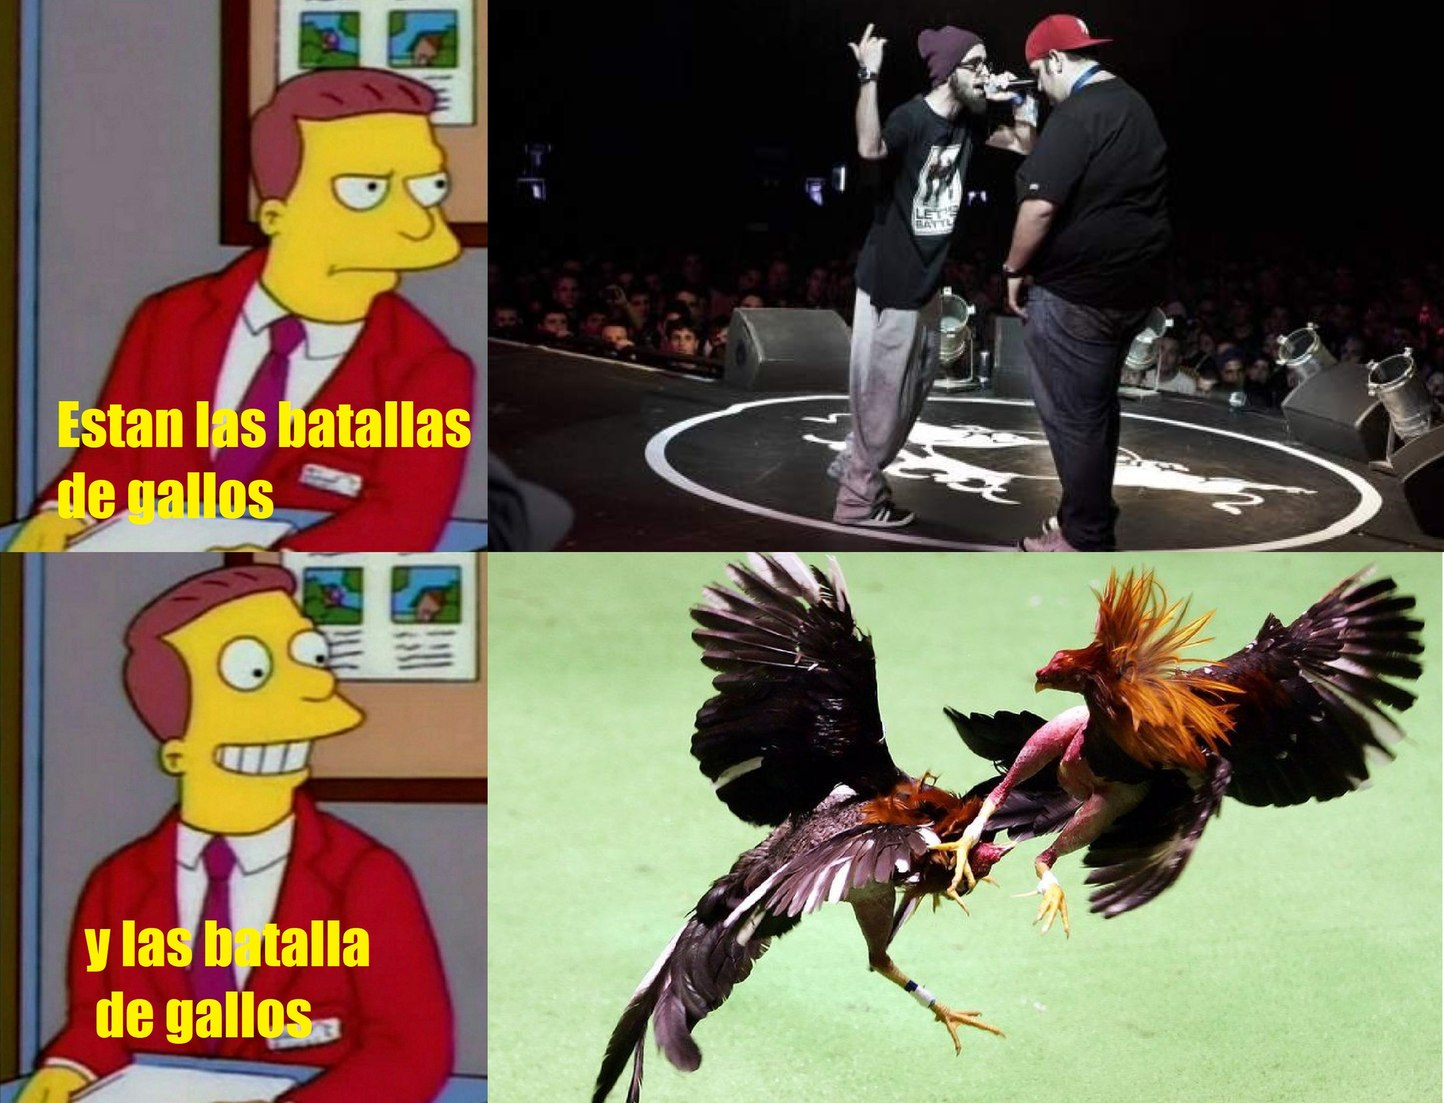 pelea de gallos, mete cacho mete cacho vamo giro, vamo ajiseco pollooooooooooooooooooooooooooooooooooooooooooooooooooooooooooooooooooooooooooooooooooooooooooooooooooooooooooooooooooooooooooooooooooooooooooooooooooooooooooooooooooooooooooooooooooooooooooon - meme